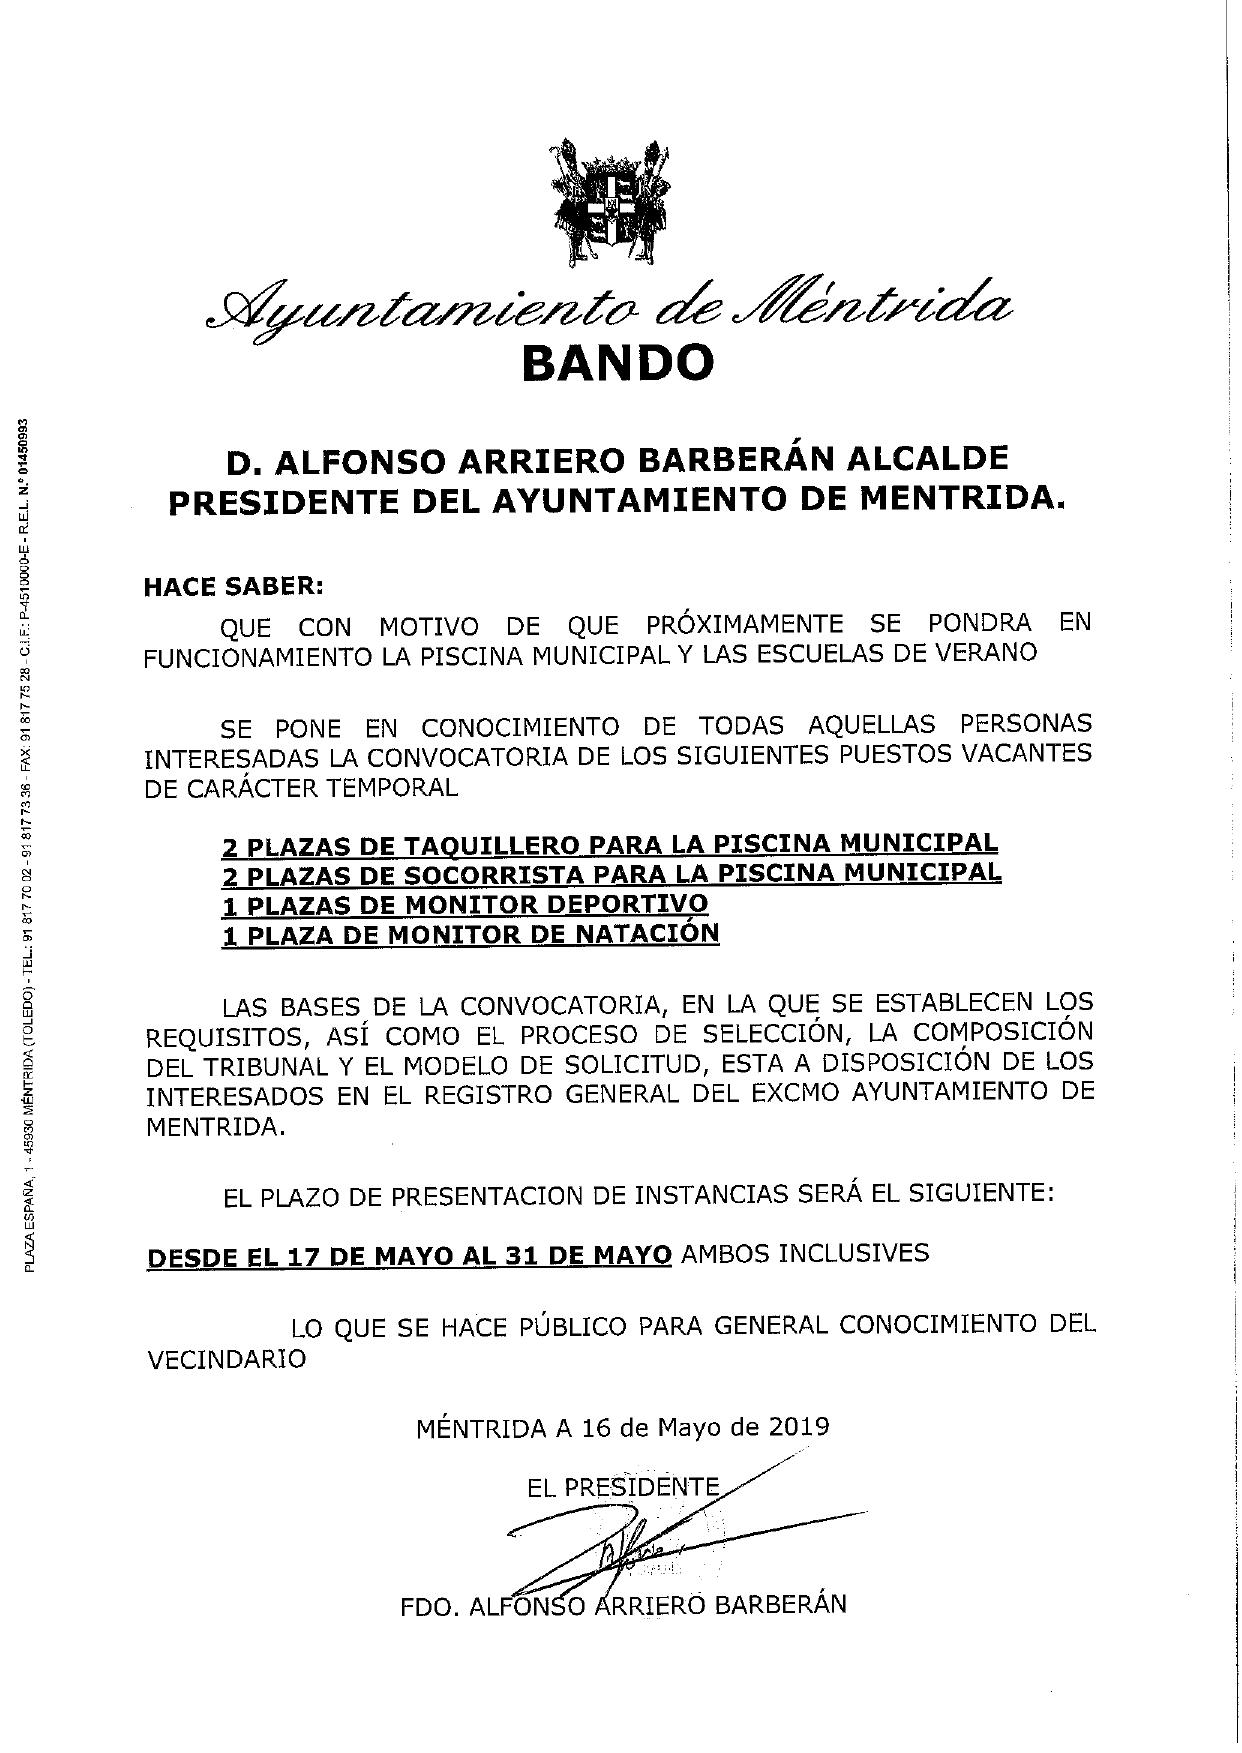 ea1635cd8d06 Convocatoria de varios puestos para la Piscina Municipal y Escuelas de  Verano 2019